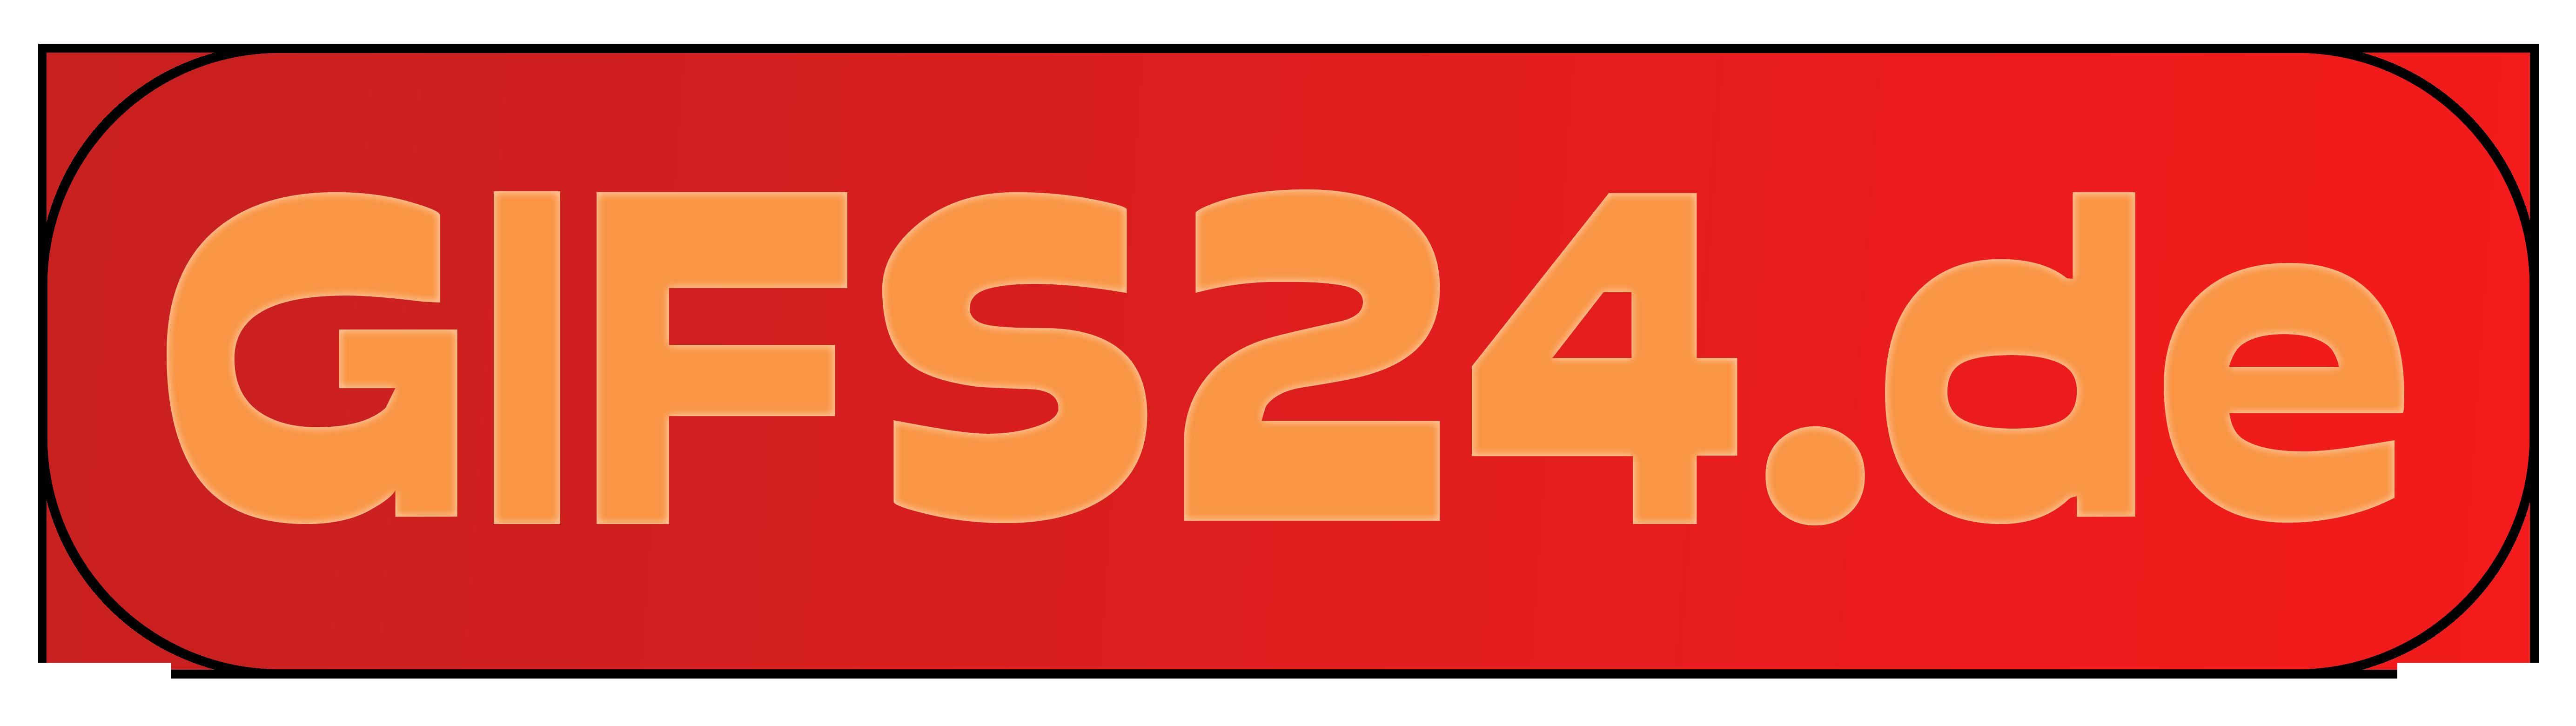 gifs24.de | Die Gifs- & Sticker Manufaktur